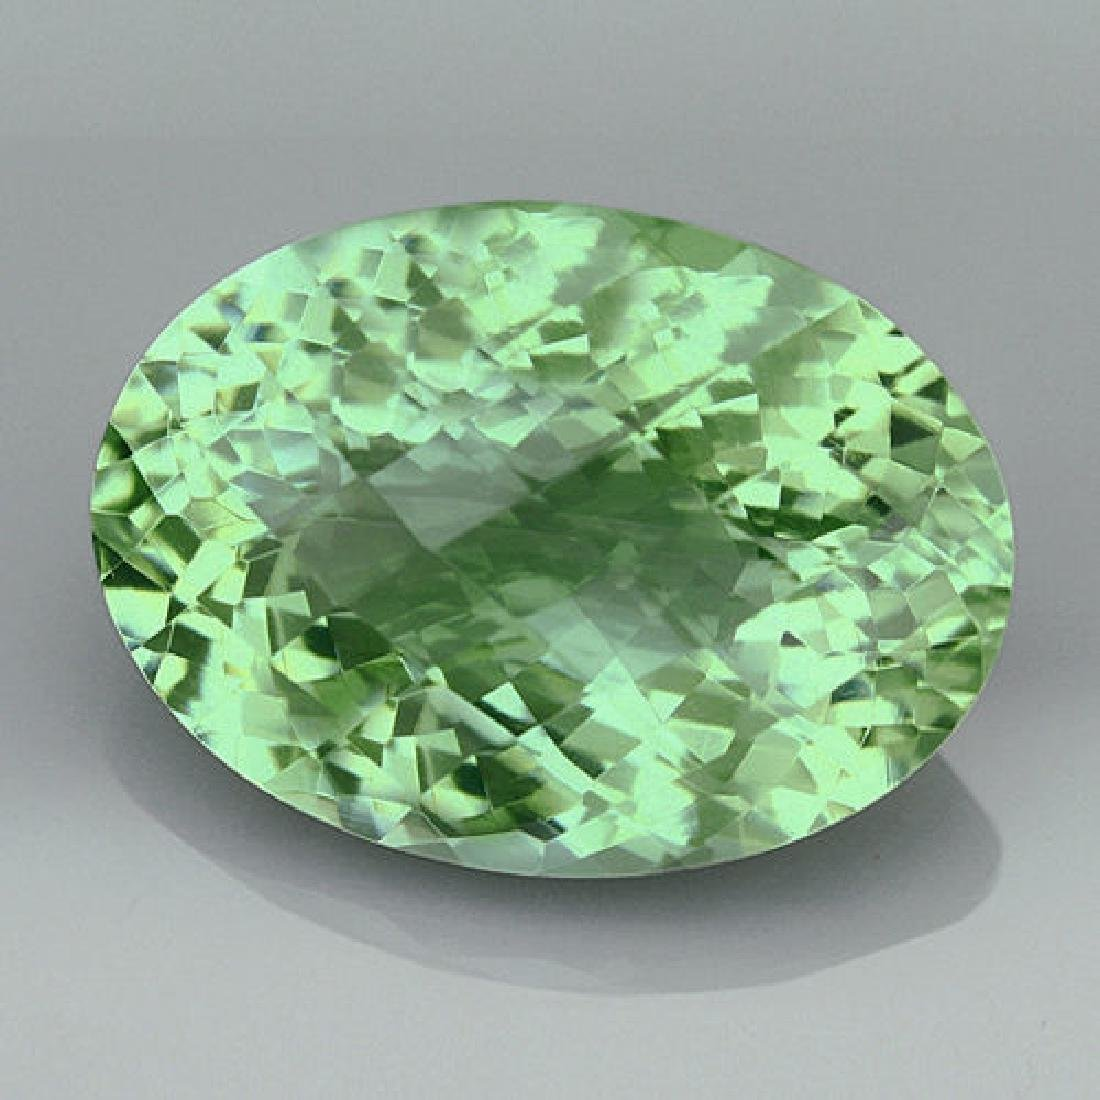 Natural Healing Green Color Amethyst 16.20 Cts - VVS